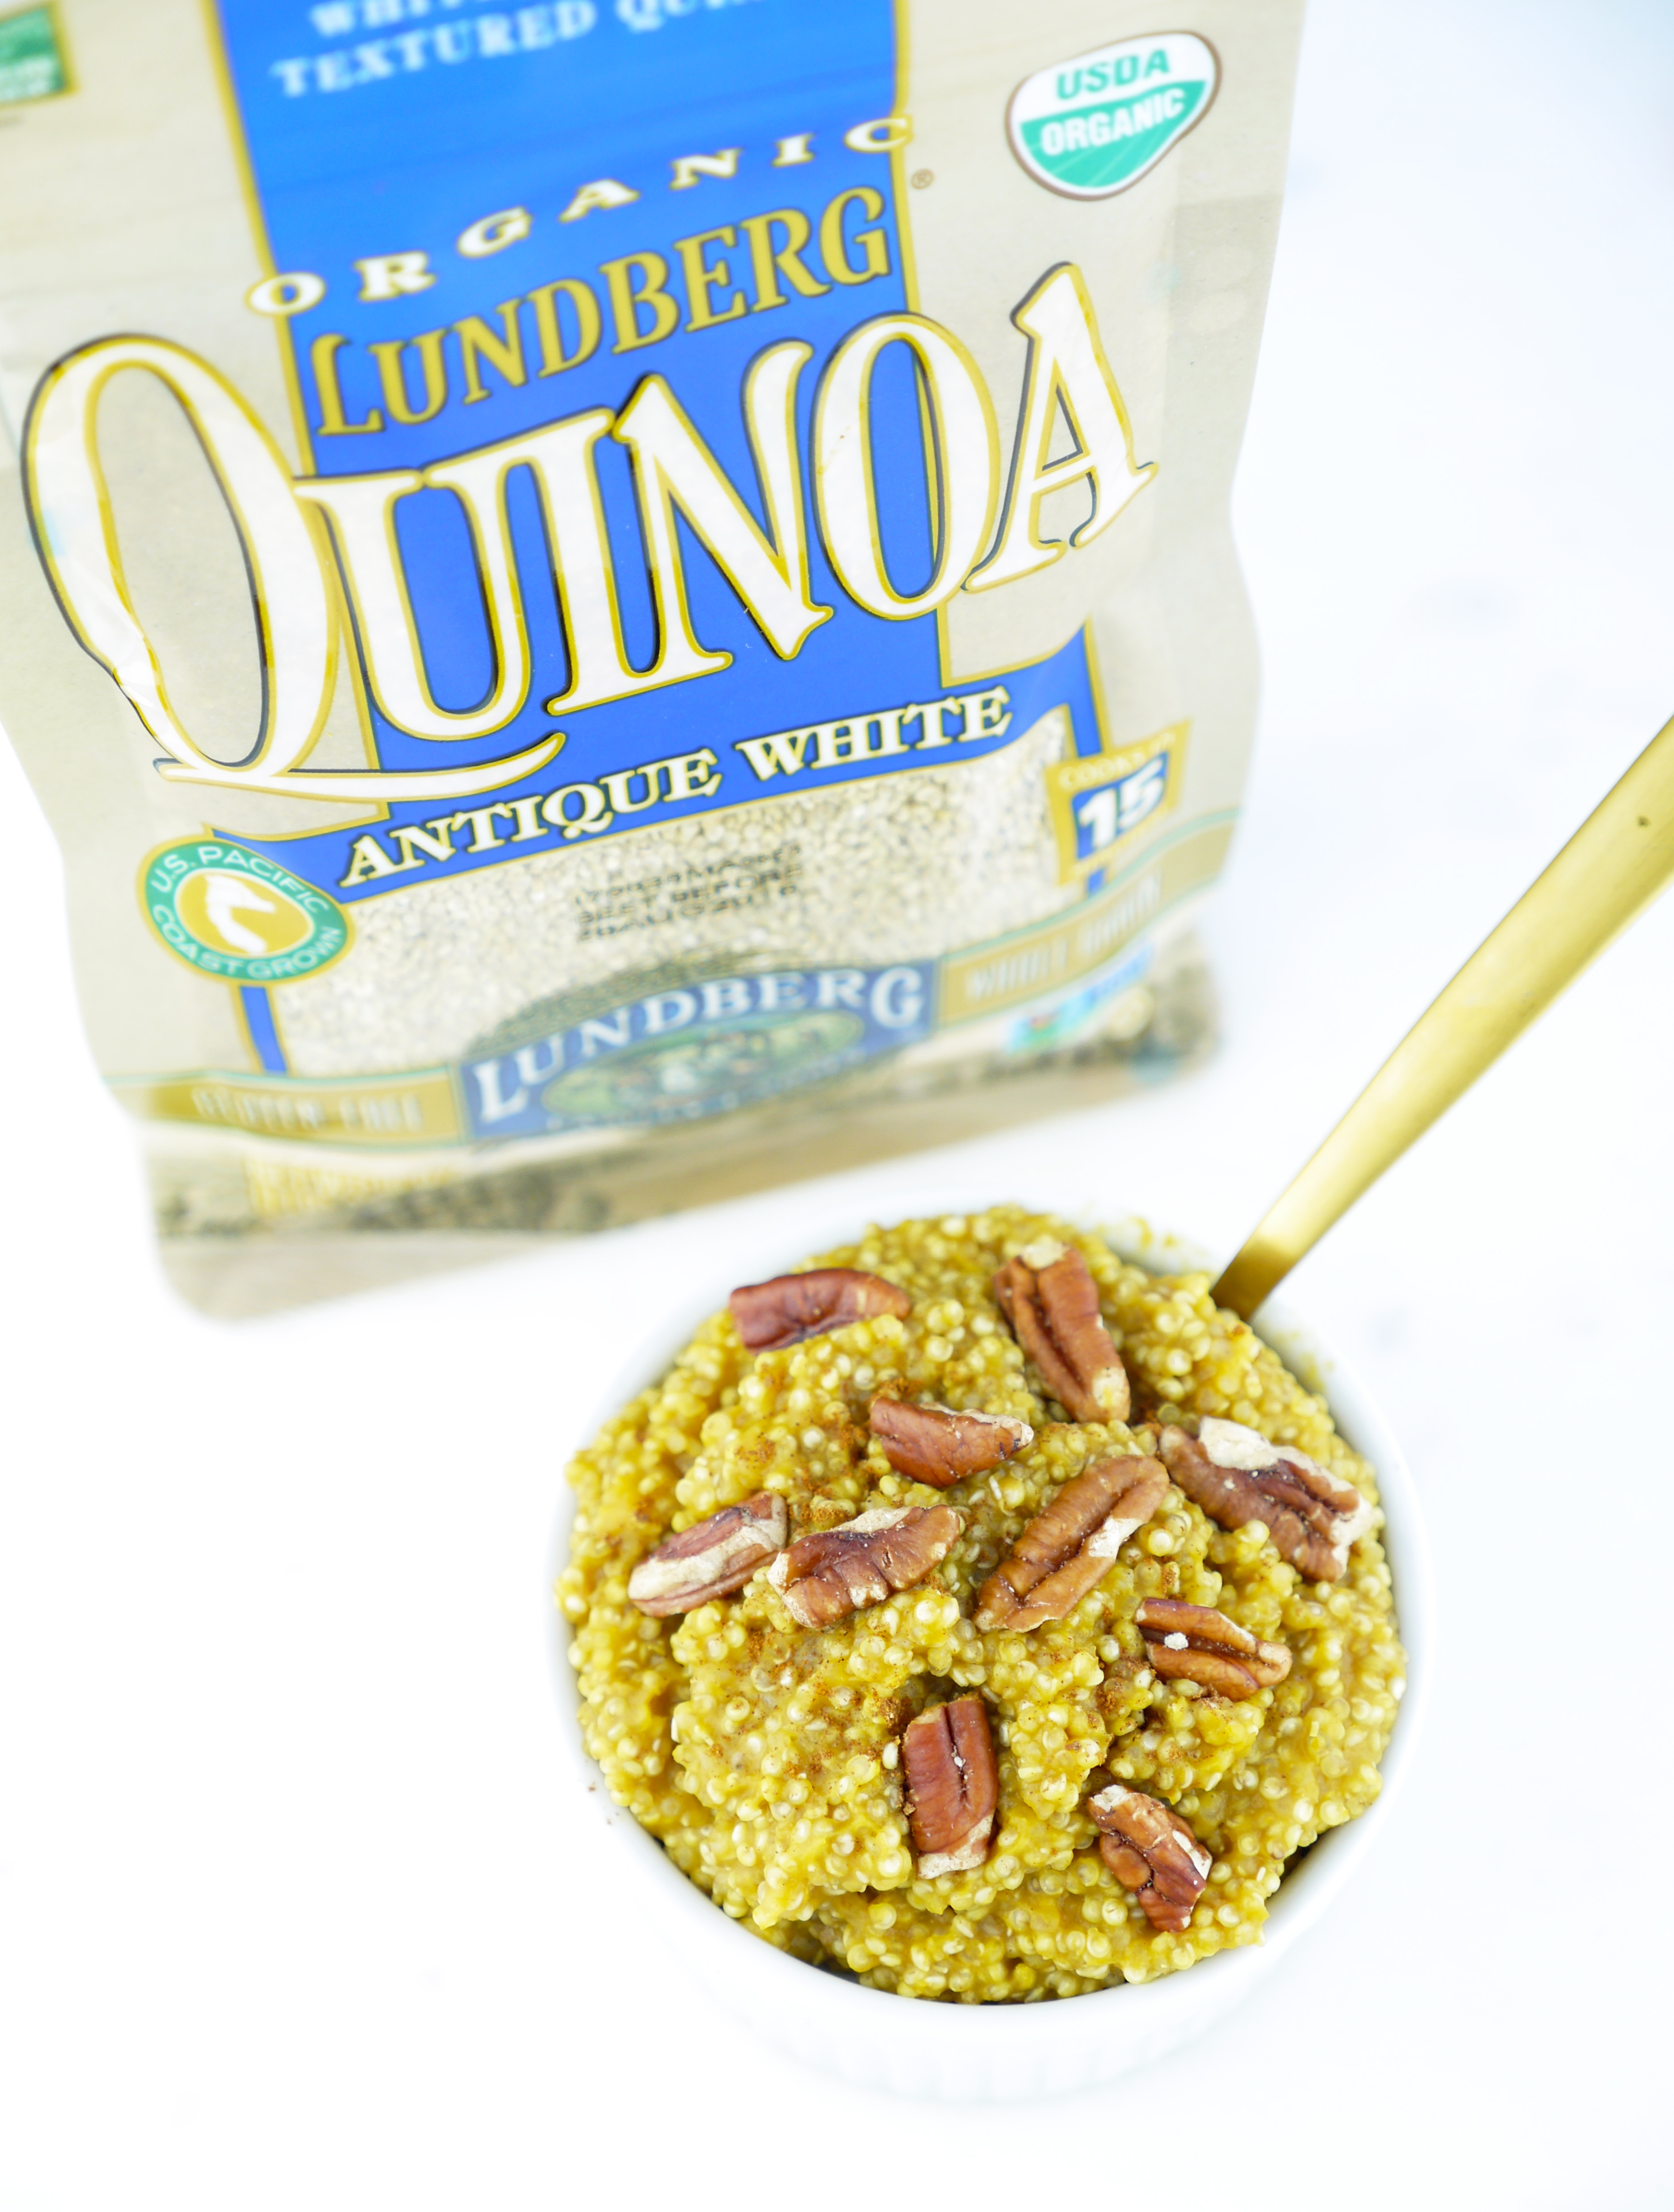 Lundberg Family Farms organic antique white quinoa